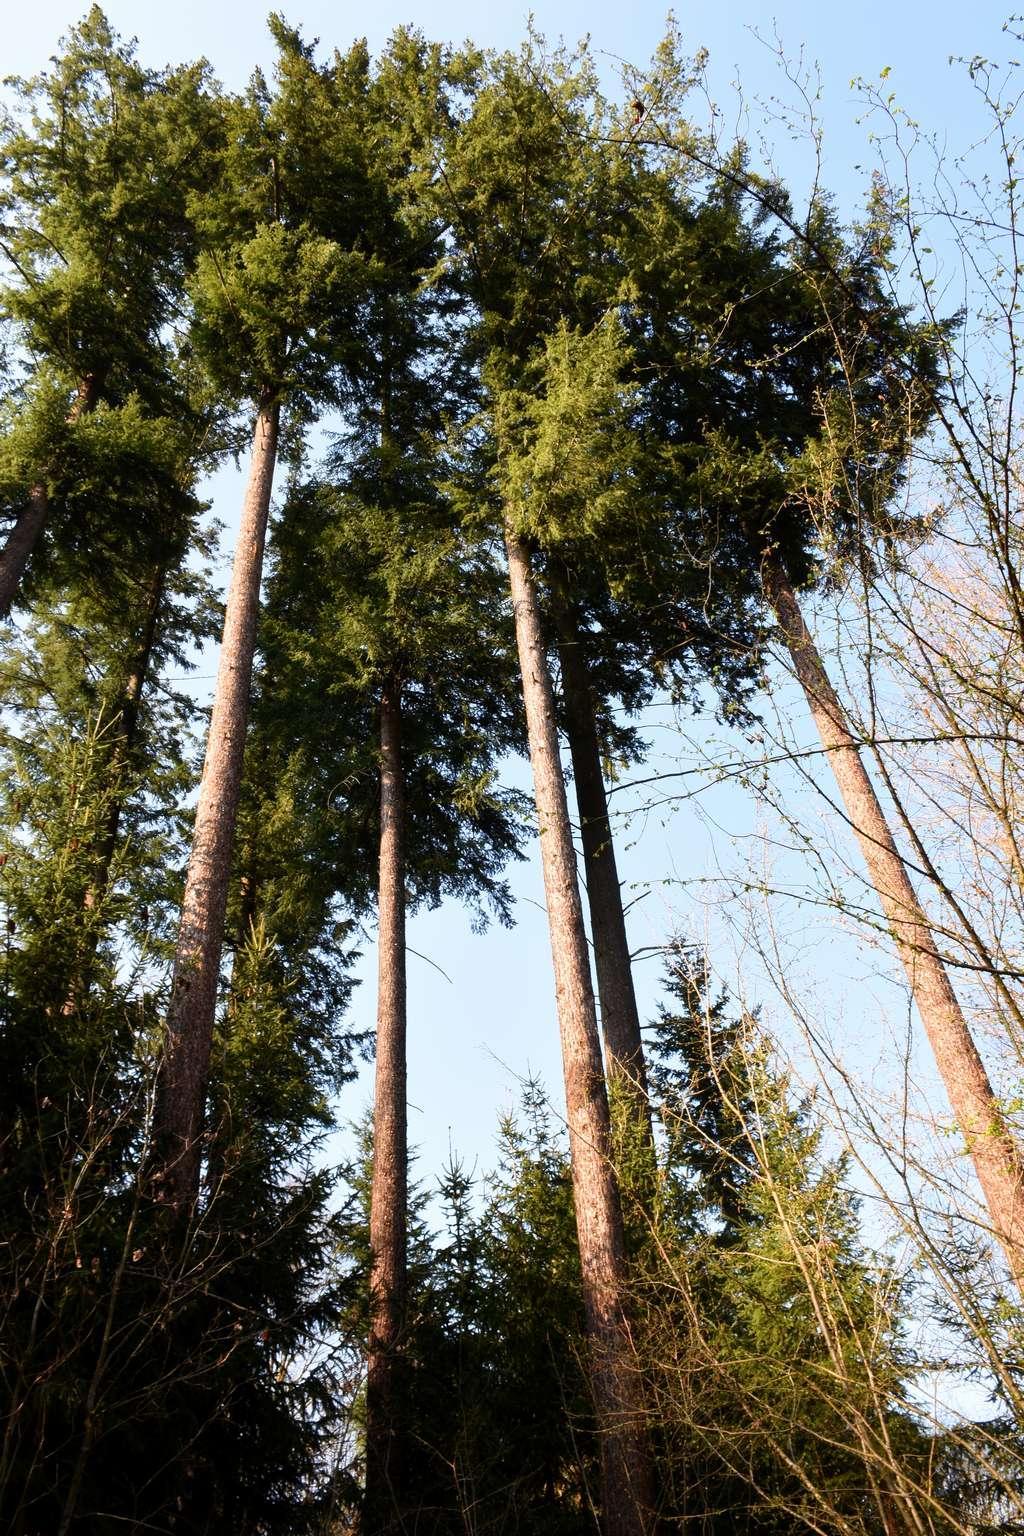 Die Douglasien sind etwa 45 Meter hoch.